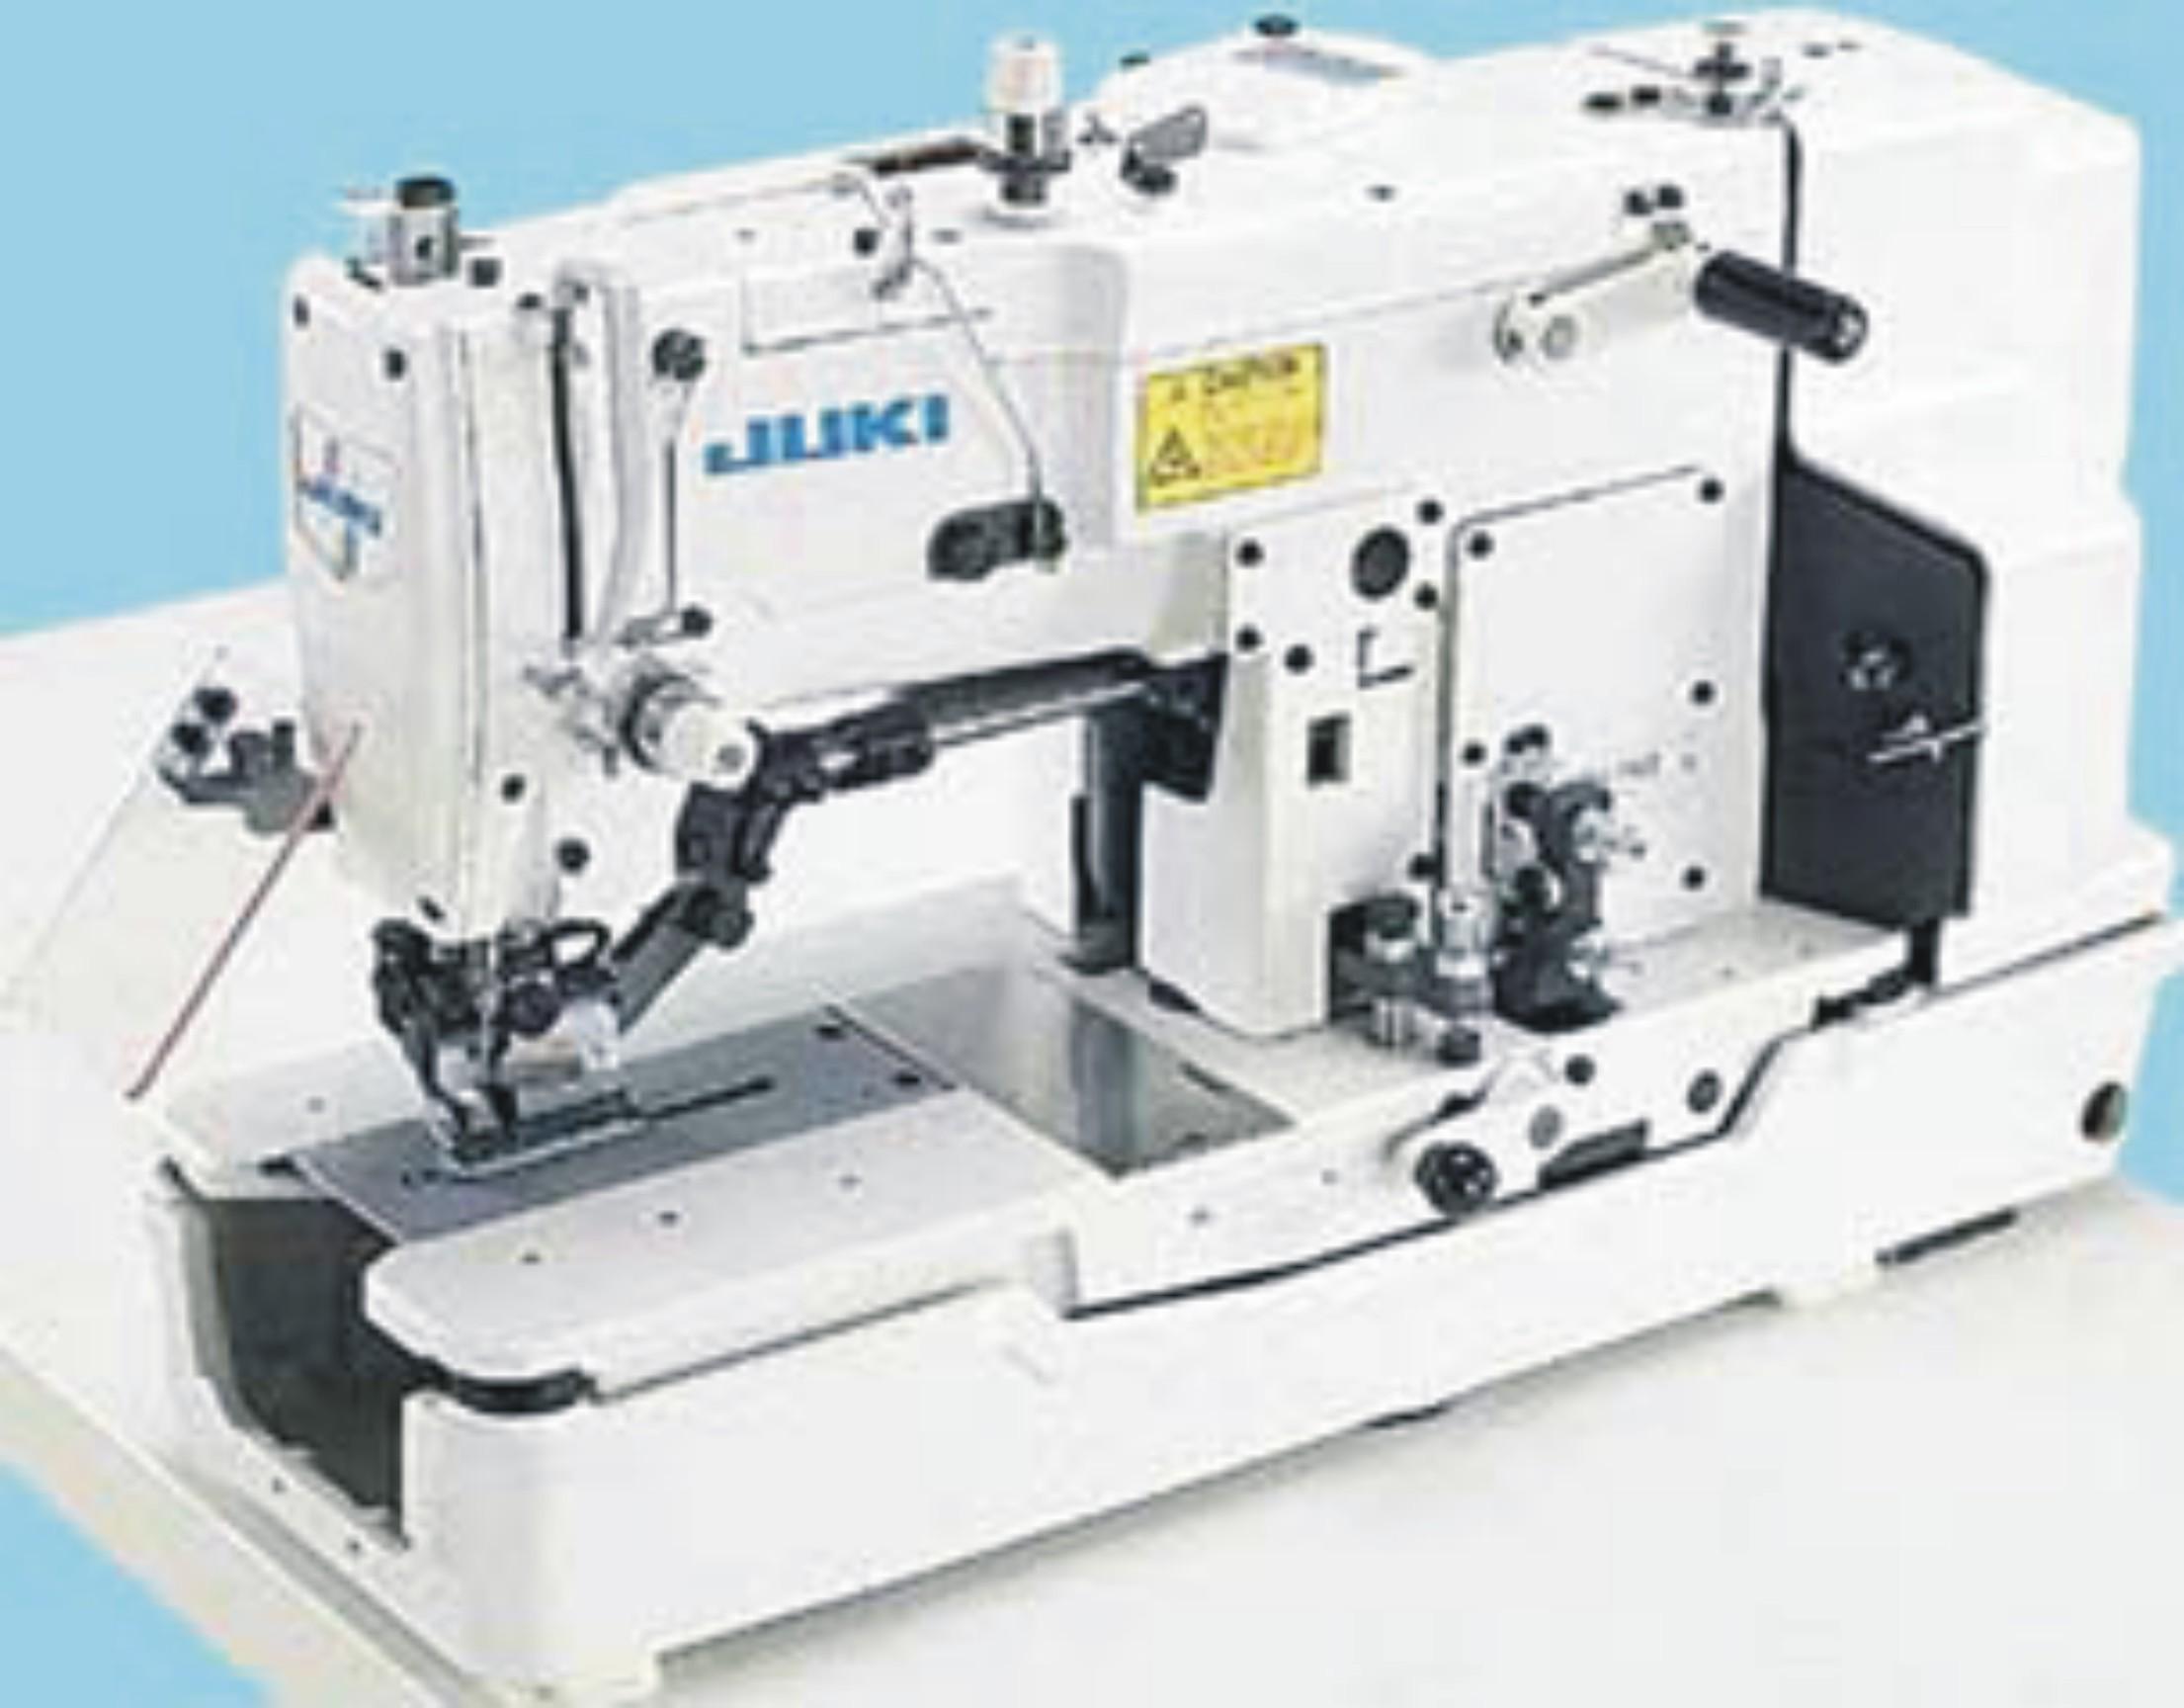 Сasa: Maquinas de coser industriales usadas juki